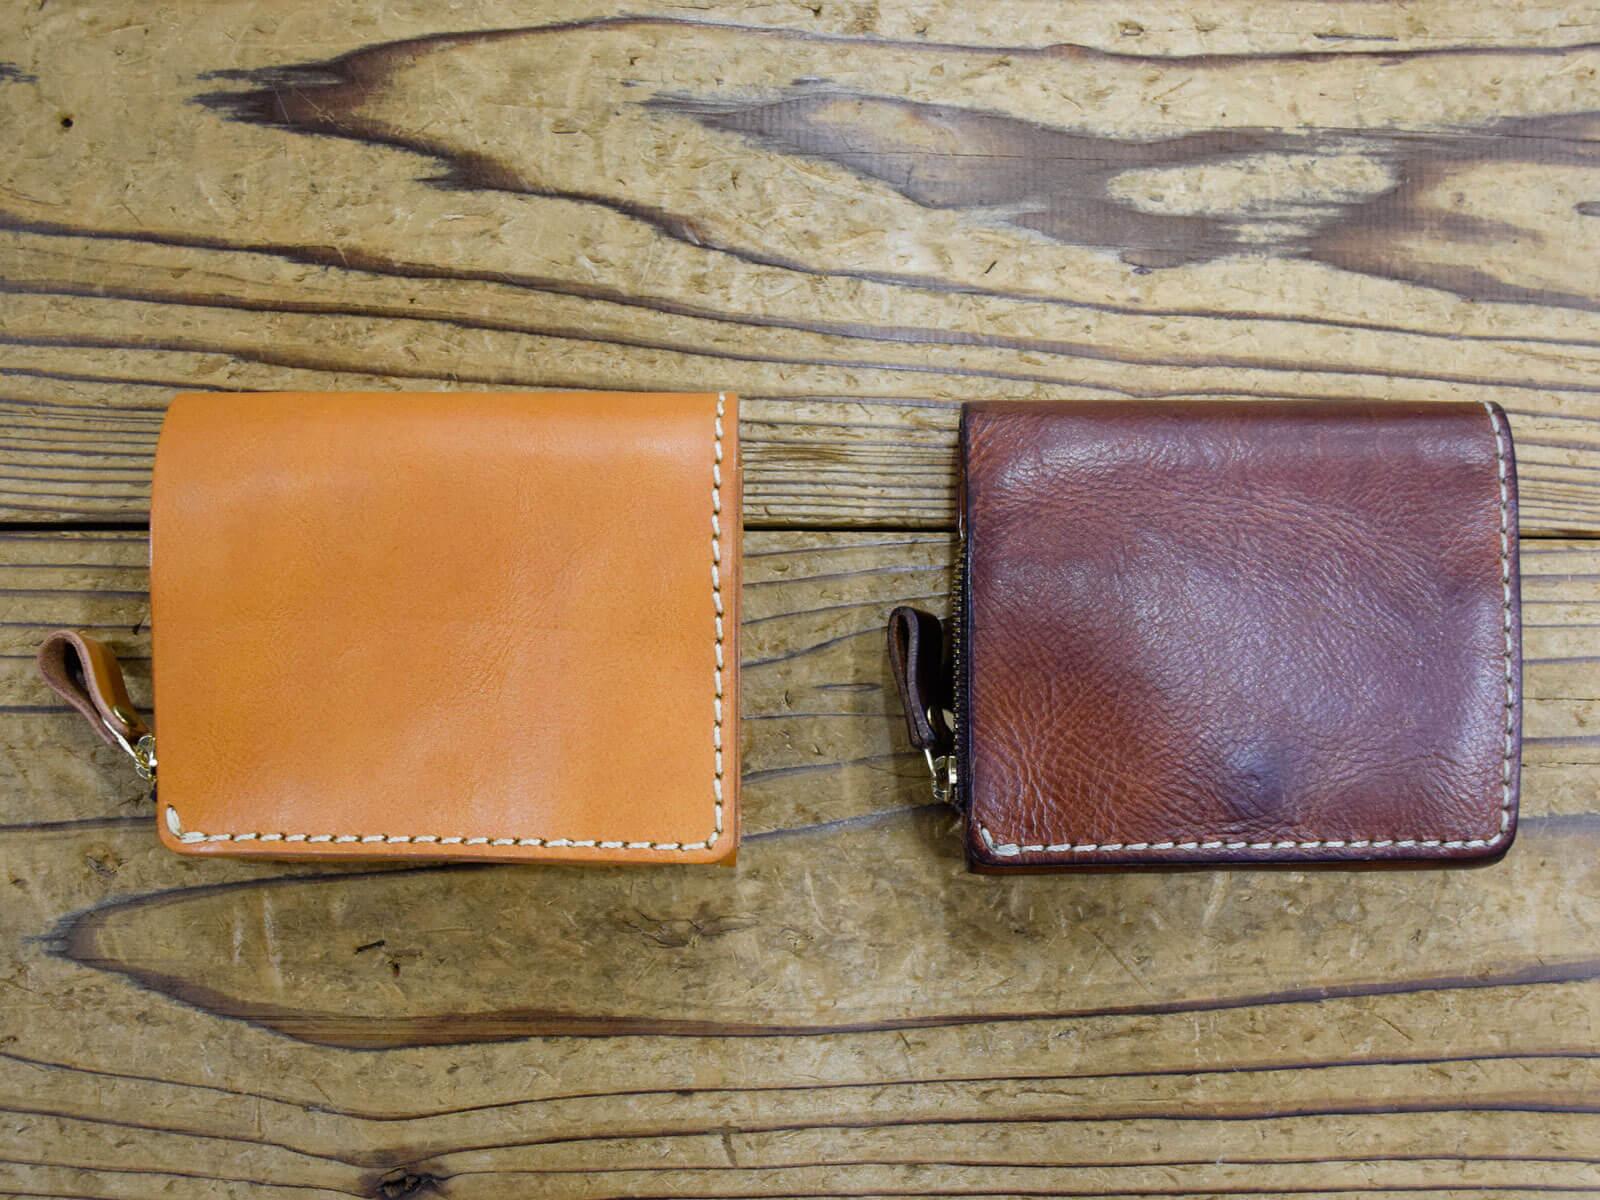 春財布2020 名古屋店おすすめ「小型の二つ折り財布(WS-64)」